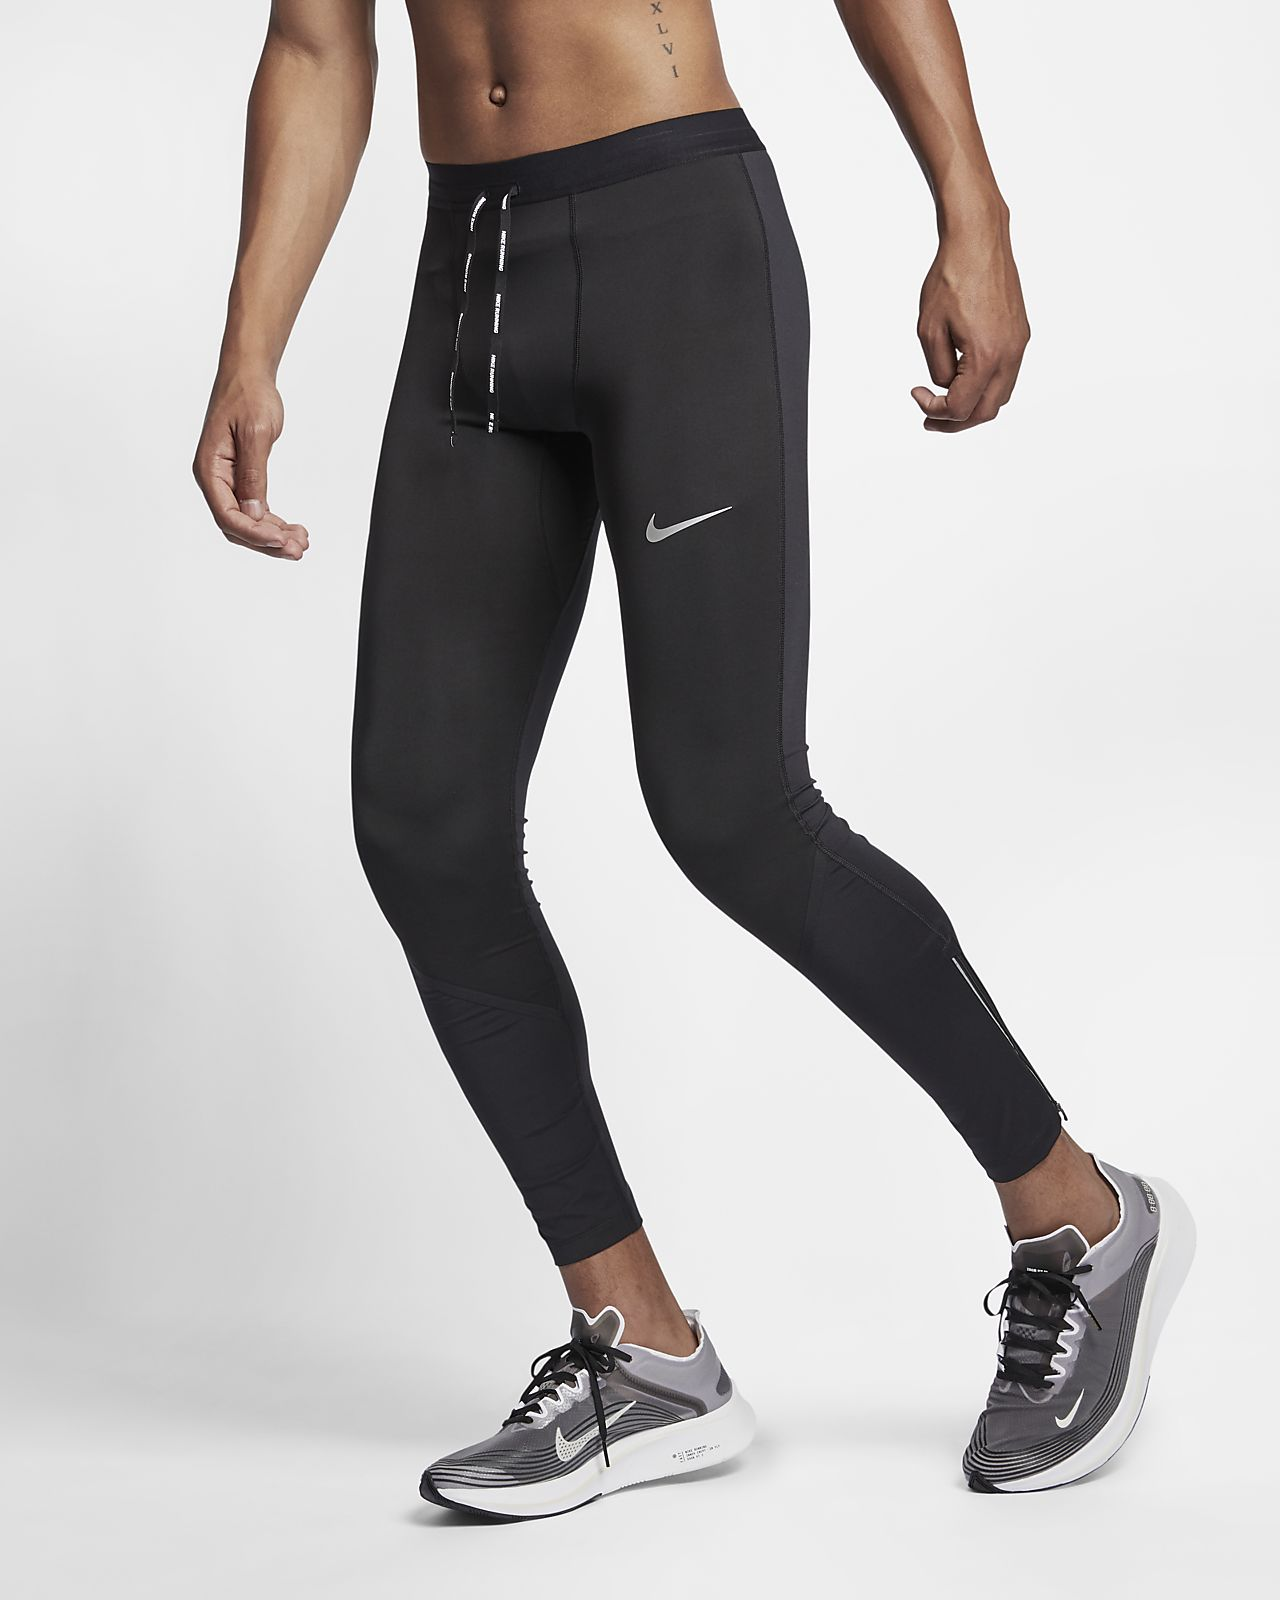 Ανδρικό κολάν για τρέξιμο Nike Power Tech